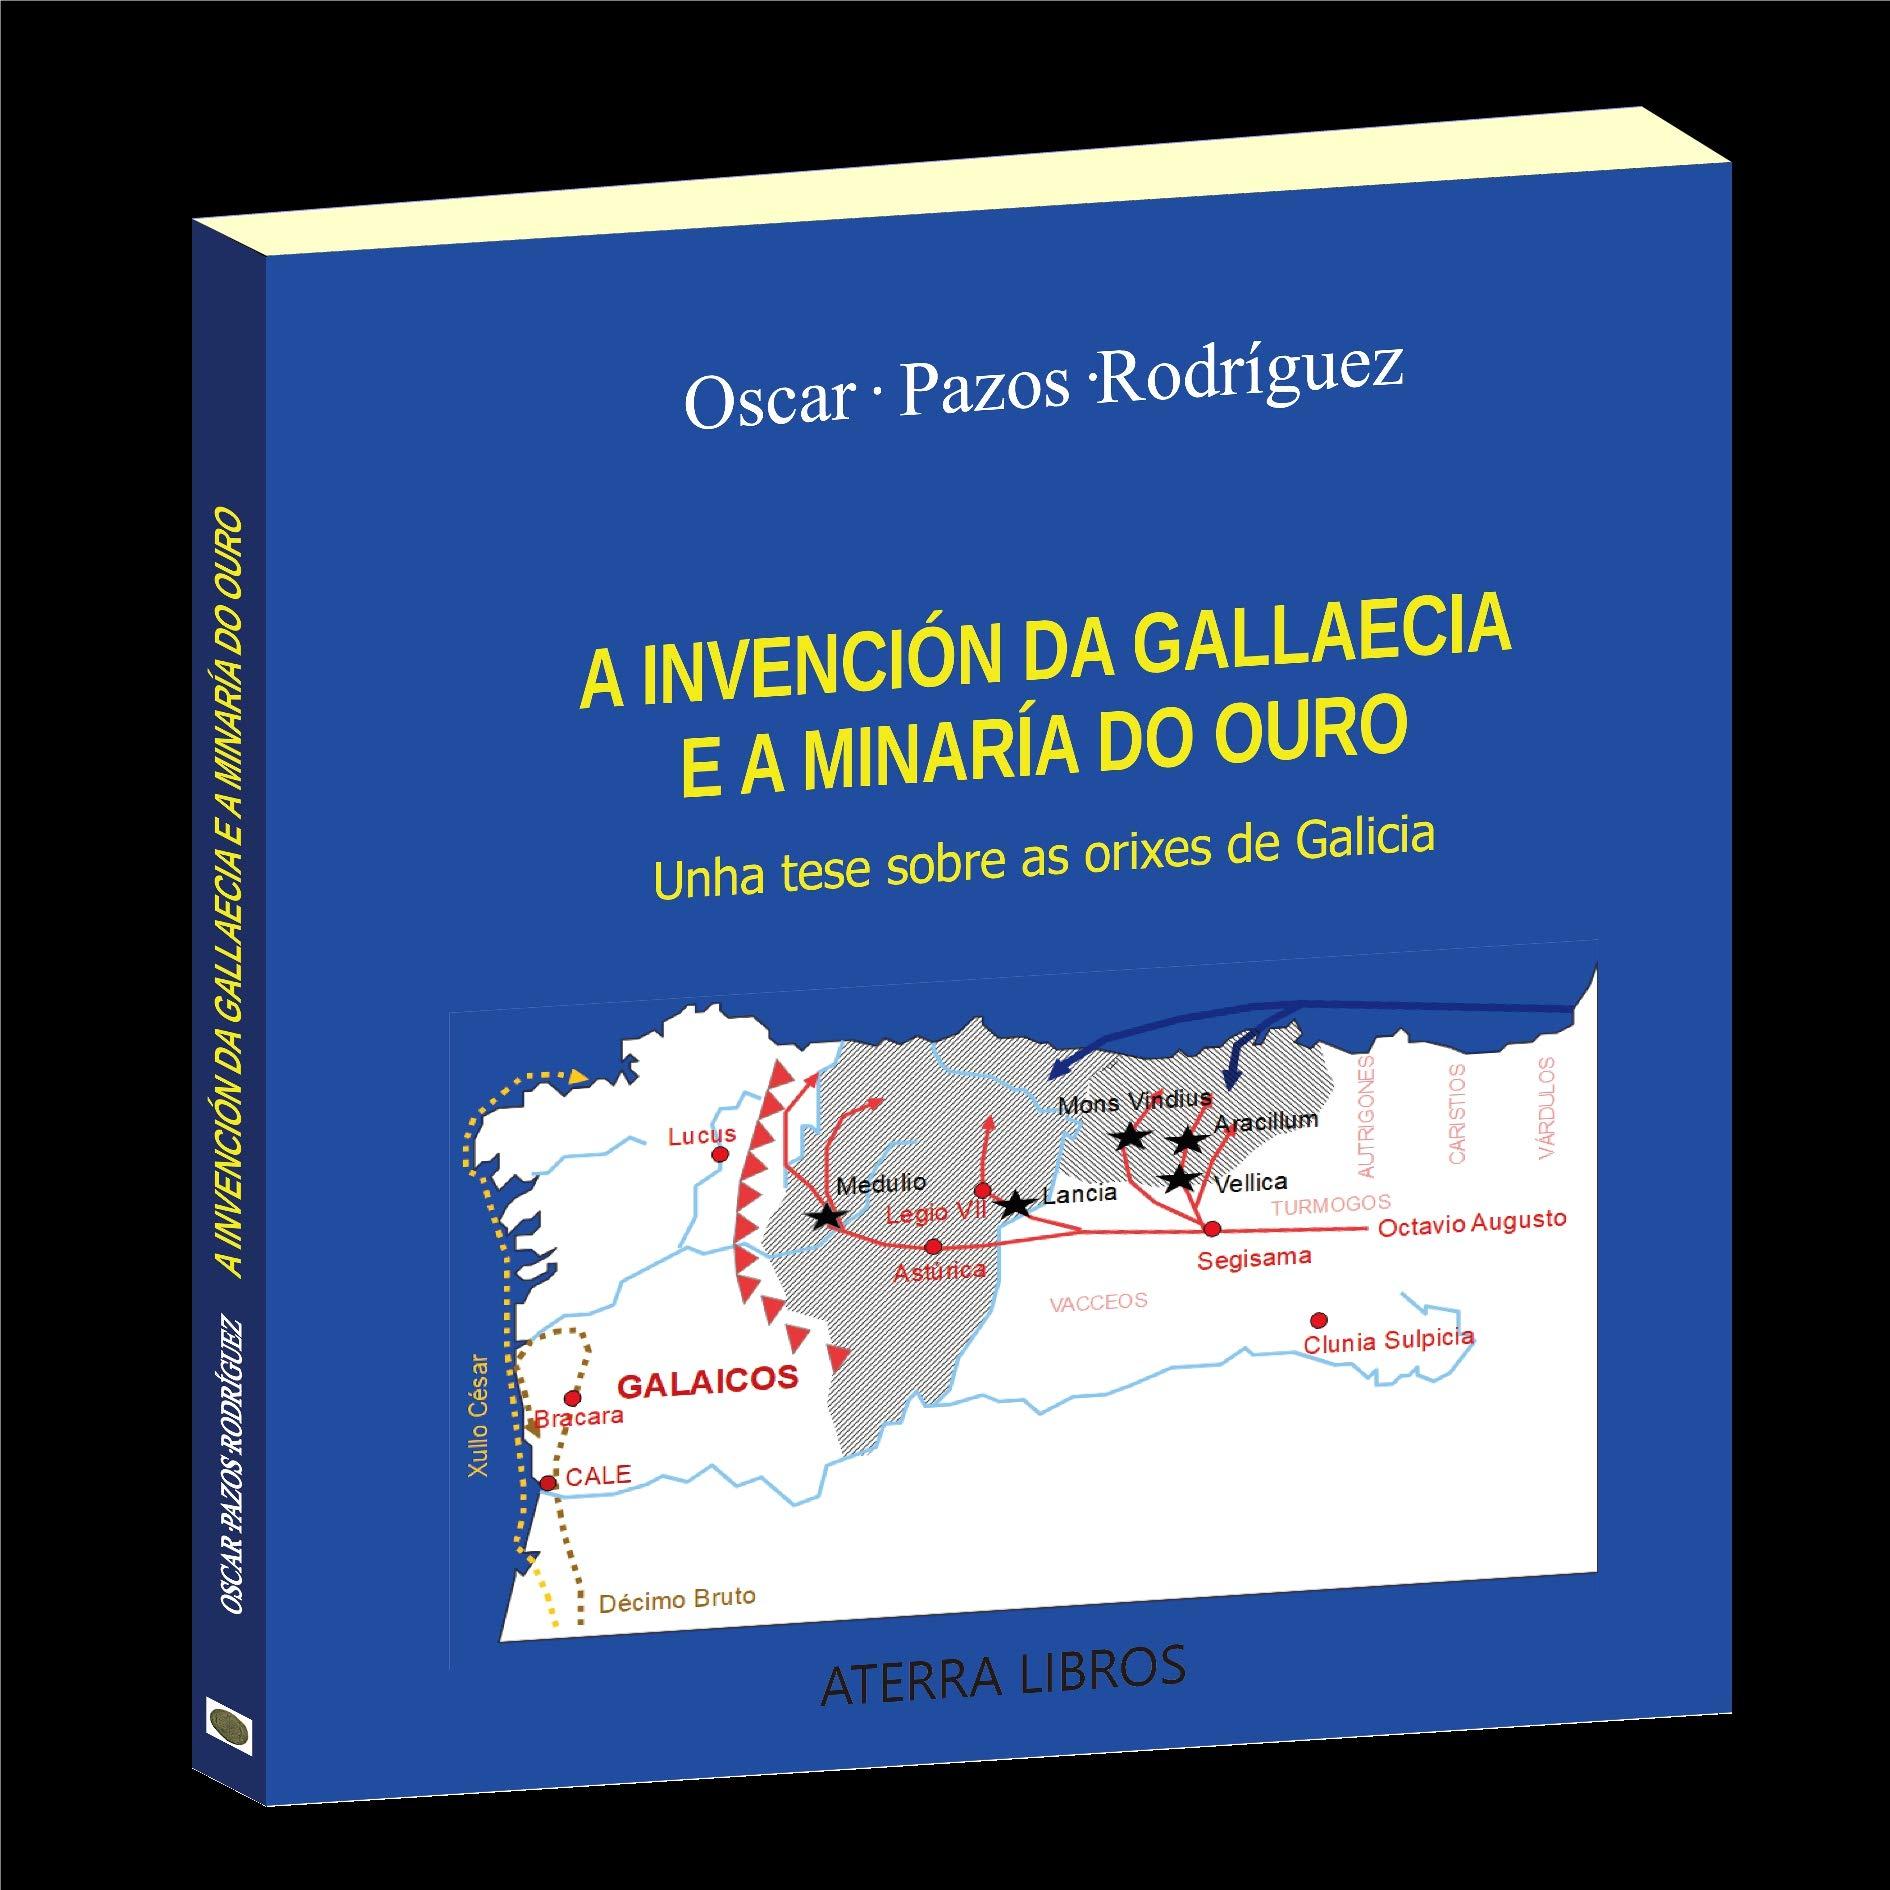 A INVENCIÓN DA GALLAECIA E A MINARÍA DO OURO.: Unha tese sobre as orixes de Galicia: Amazon.es: Pazos Rodríguez, Oscar: Libros